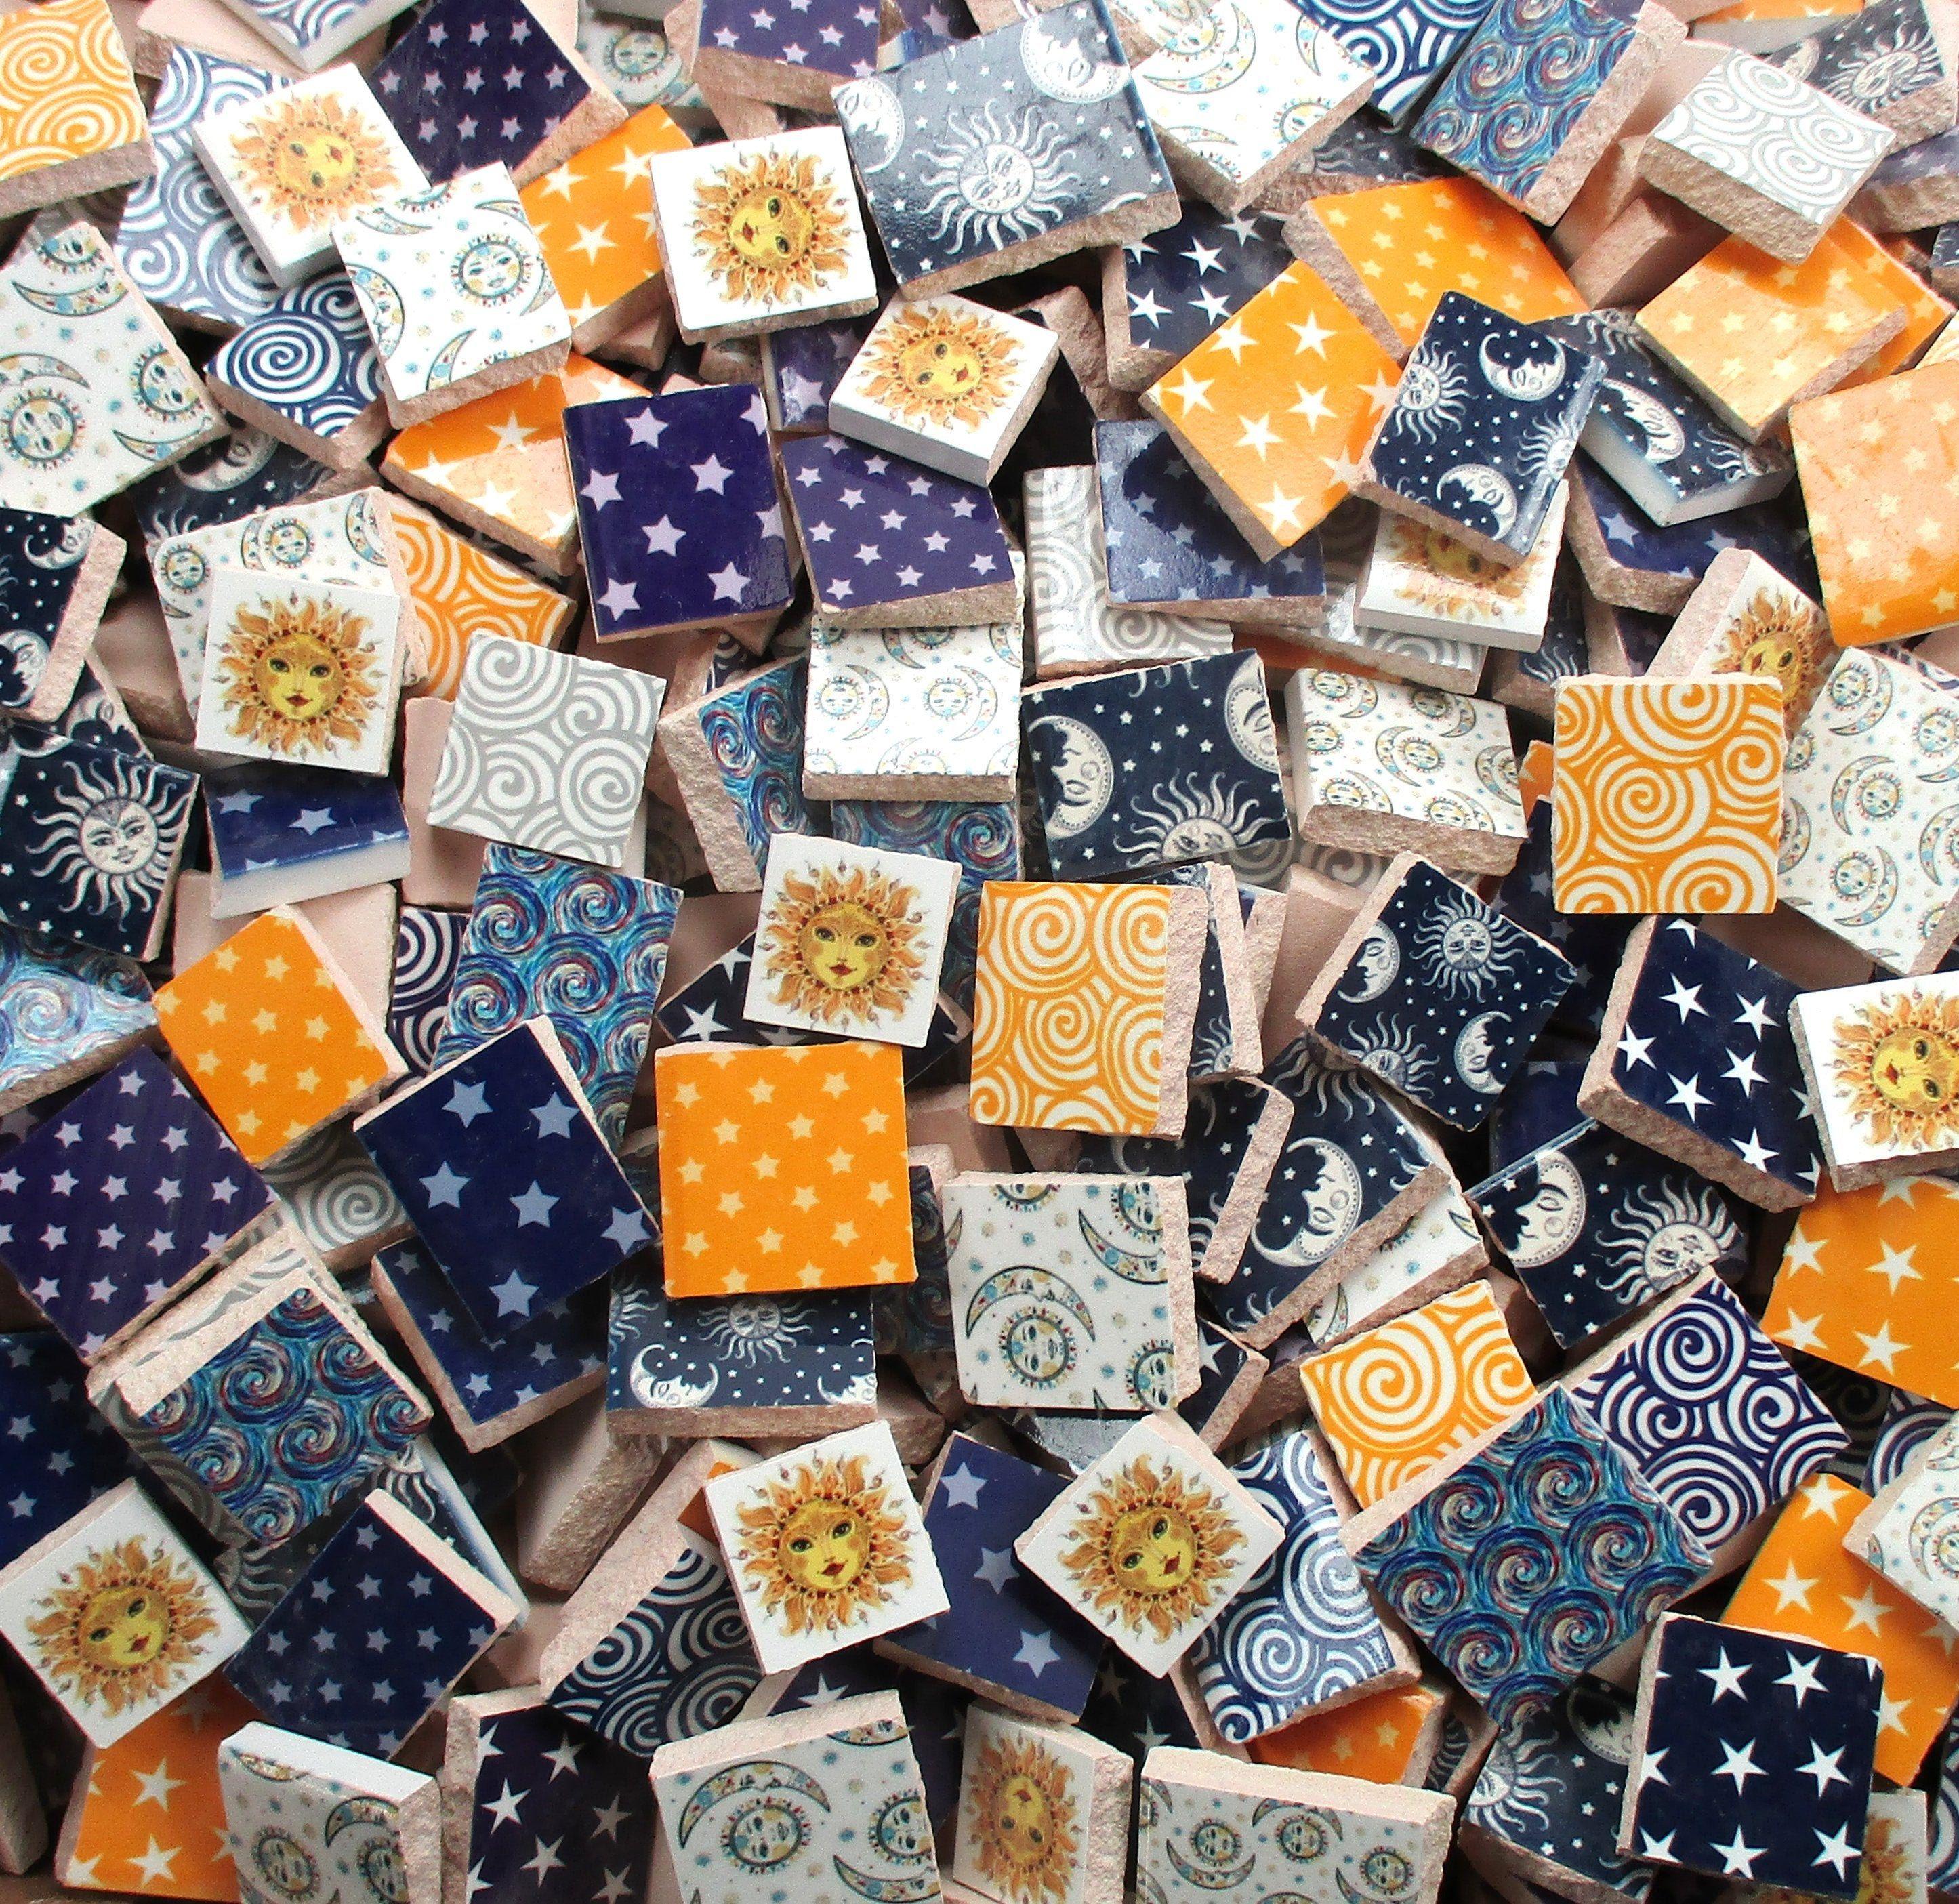 Bulk Mosaic Tiles 2 Pounds Mixed Designs Patterns Sun Face Moon Face Stars Swirls Tiles Bulk Mosaic Tiles For Mosaic Art Re Mosaic Tiles Mosaic Mosaic Art